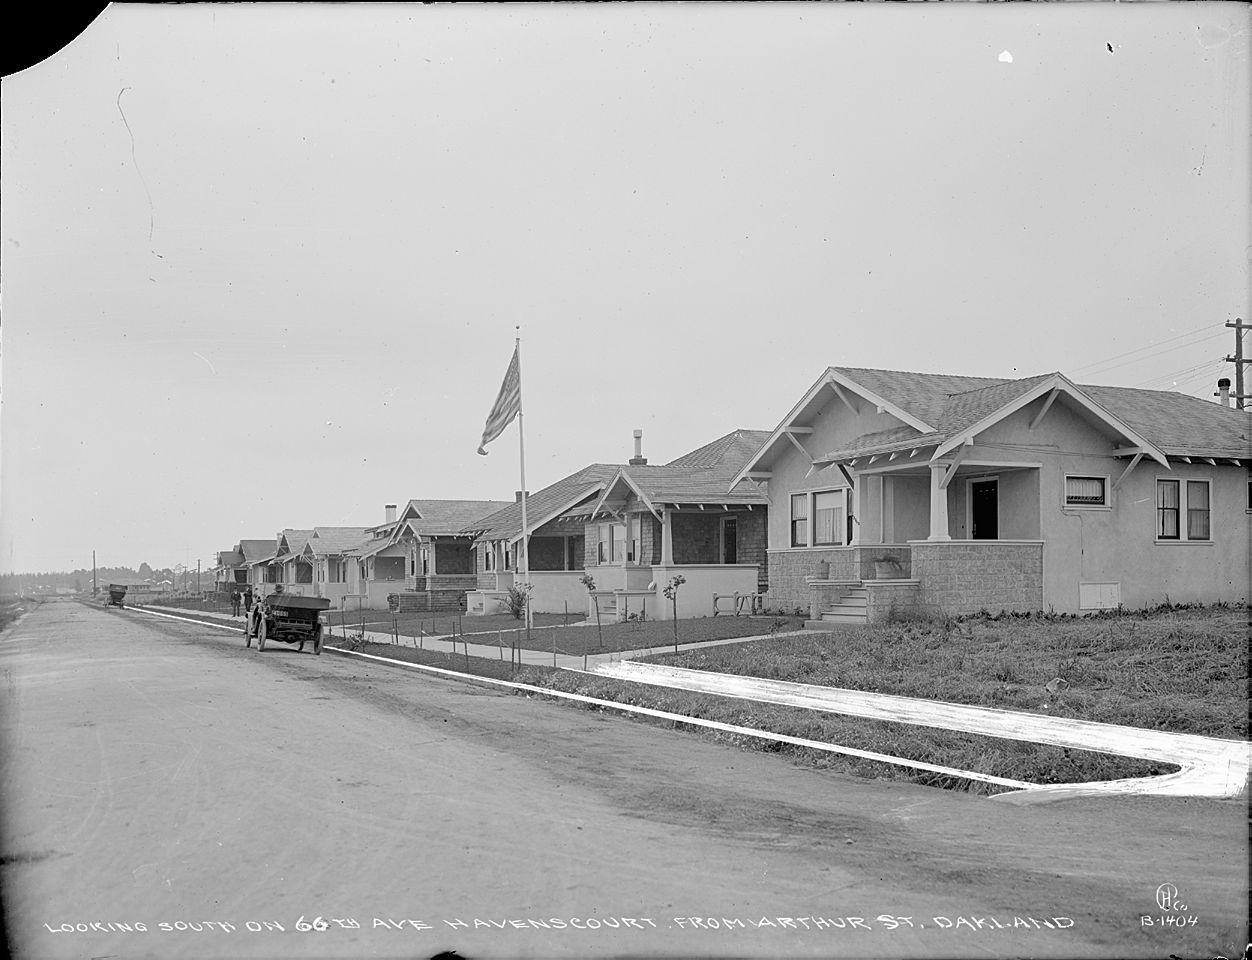 HAVENSCOURT-BUNGALOWS-66th-AVENUE-1912